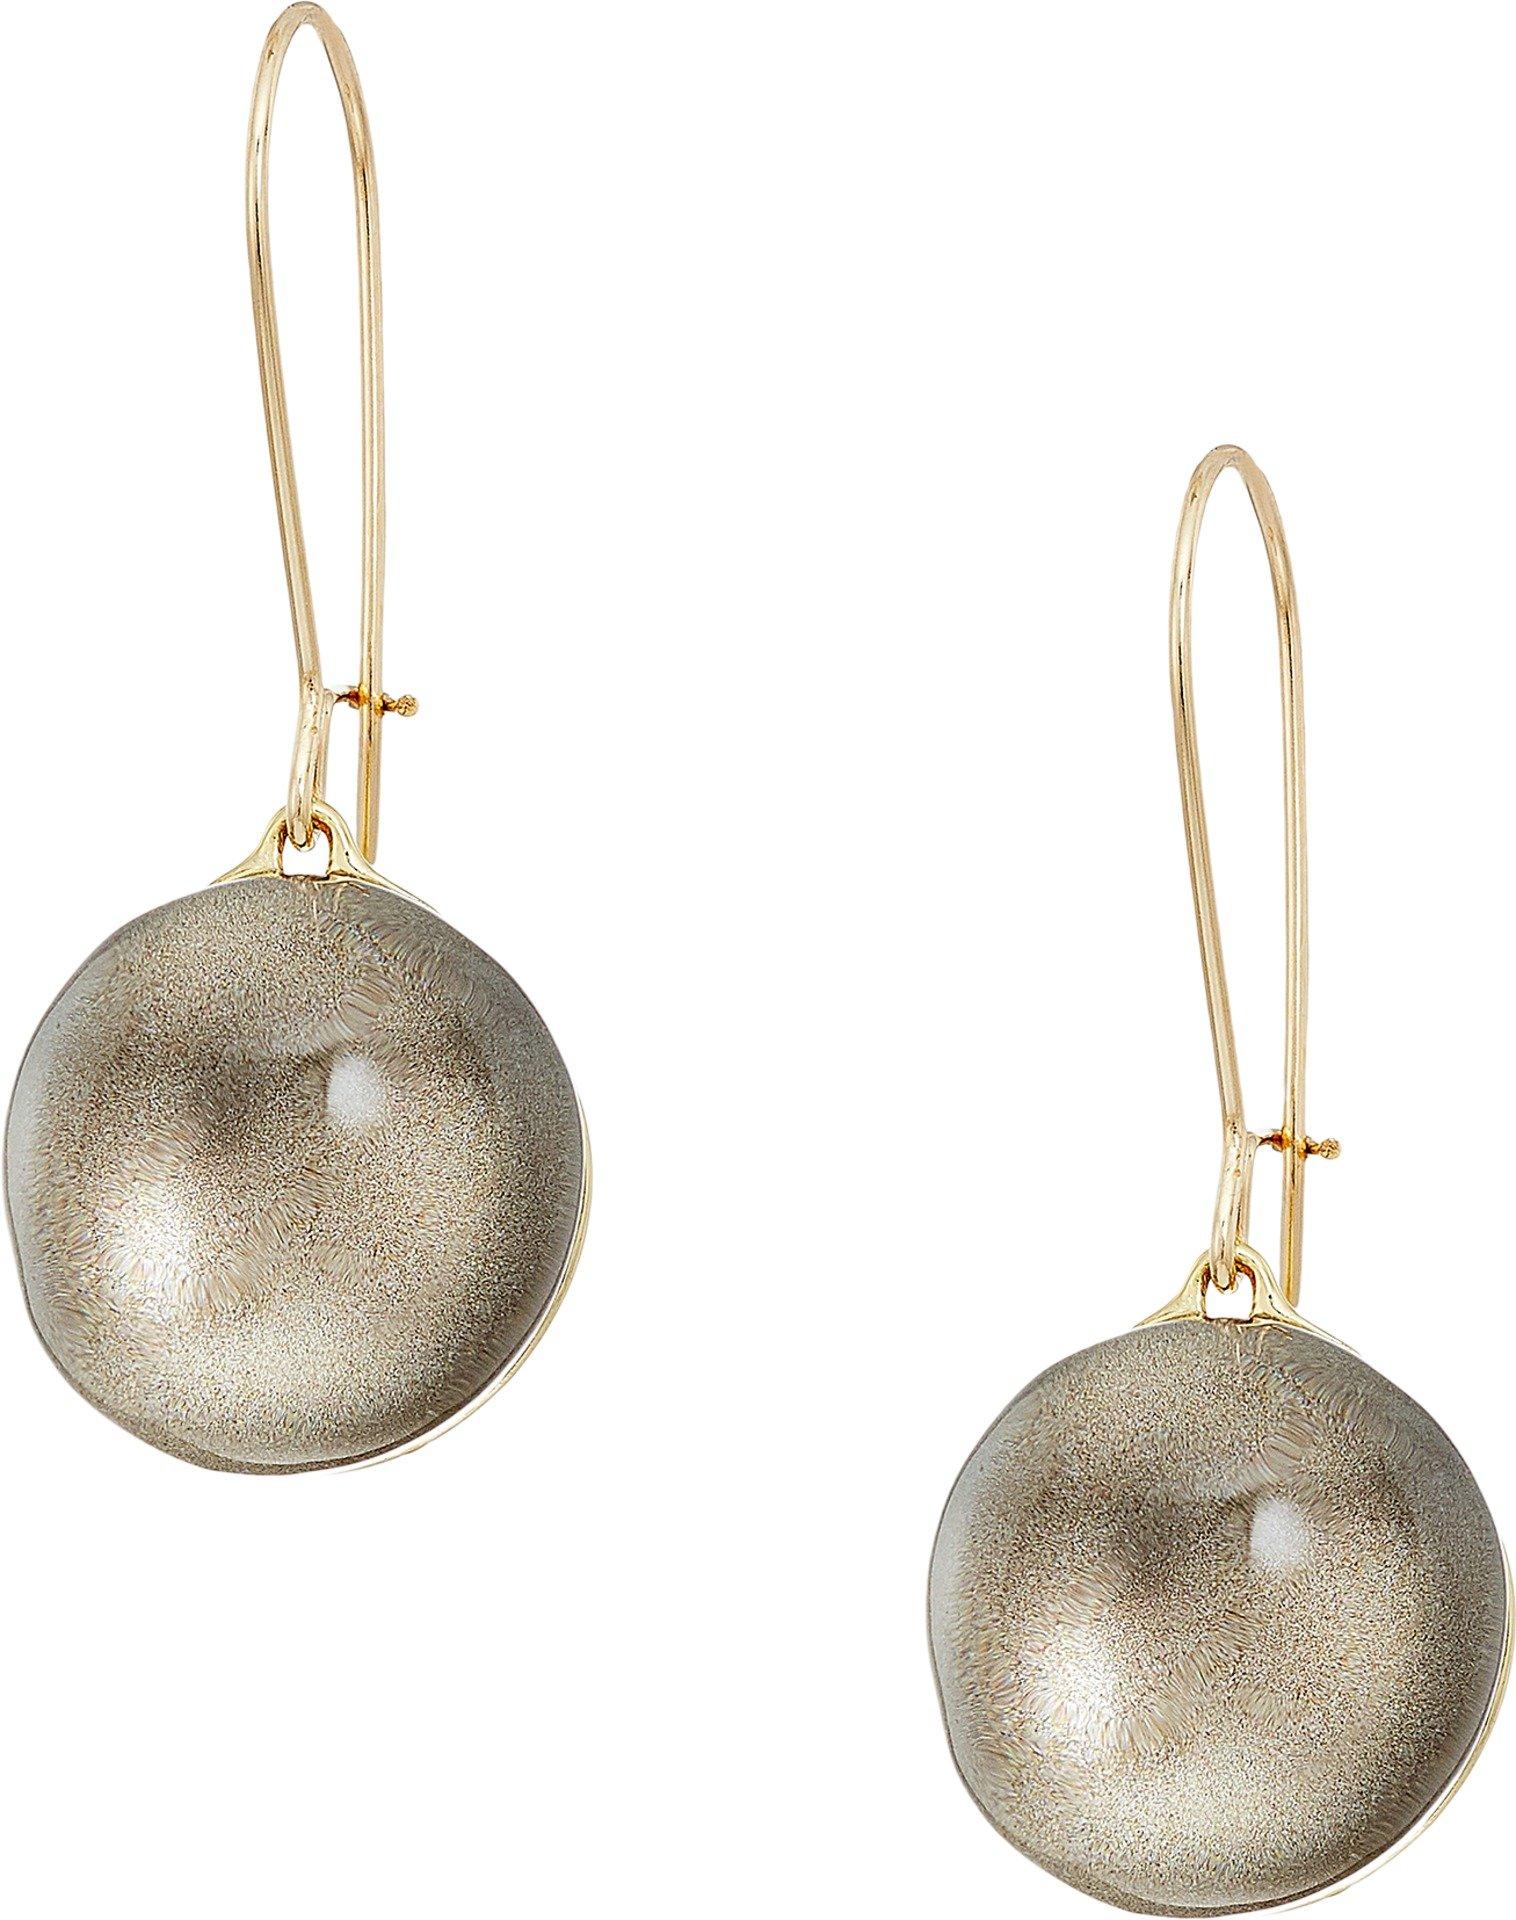 Alexis Bittar Girl's Dangling Sphere Kidney Wire Earrings Warm Grey Clear One Size